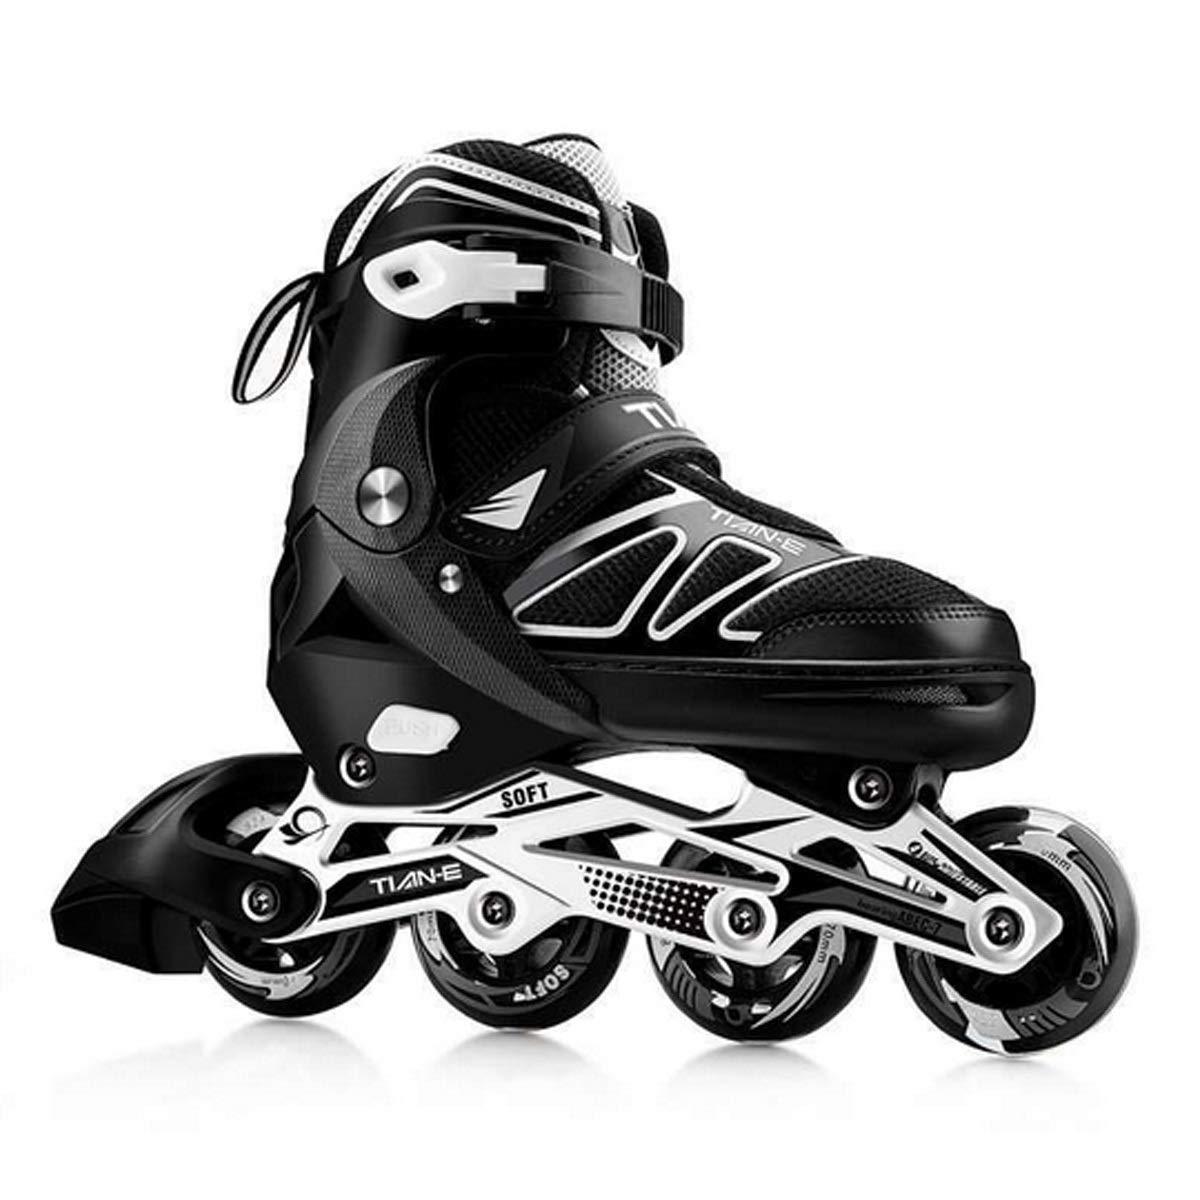 ローラーブレード、インラインスケート、調節可能な19-29CM子供/大人用、黒  Medium